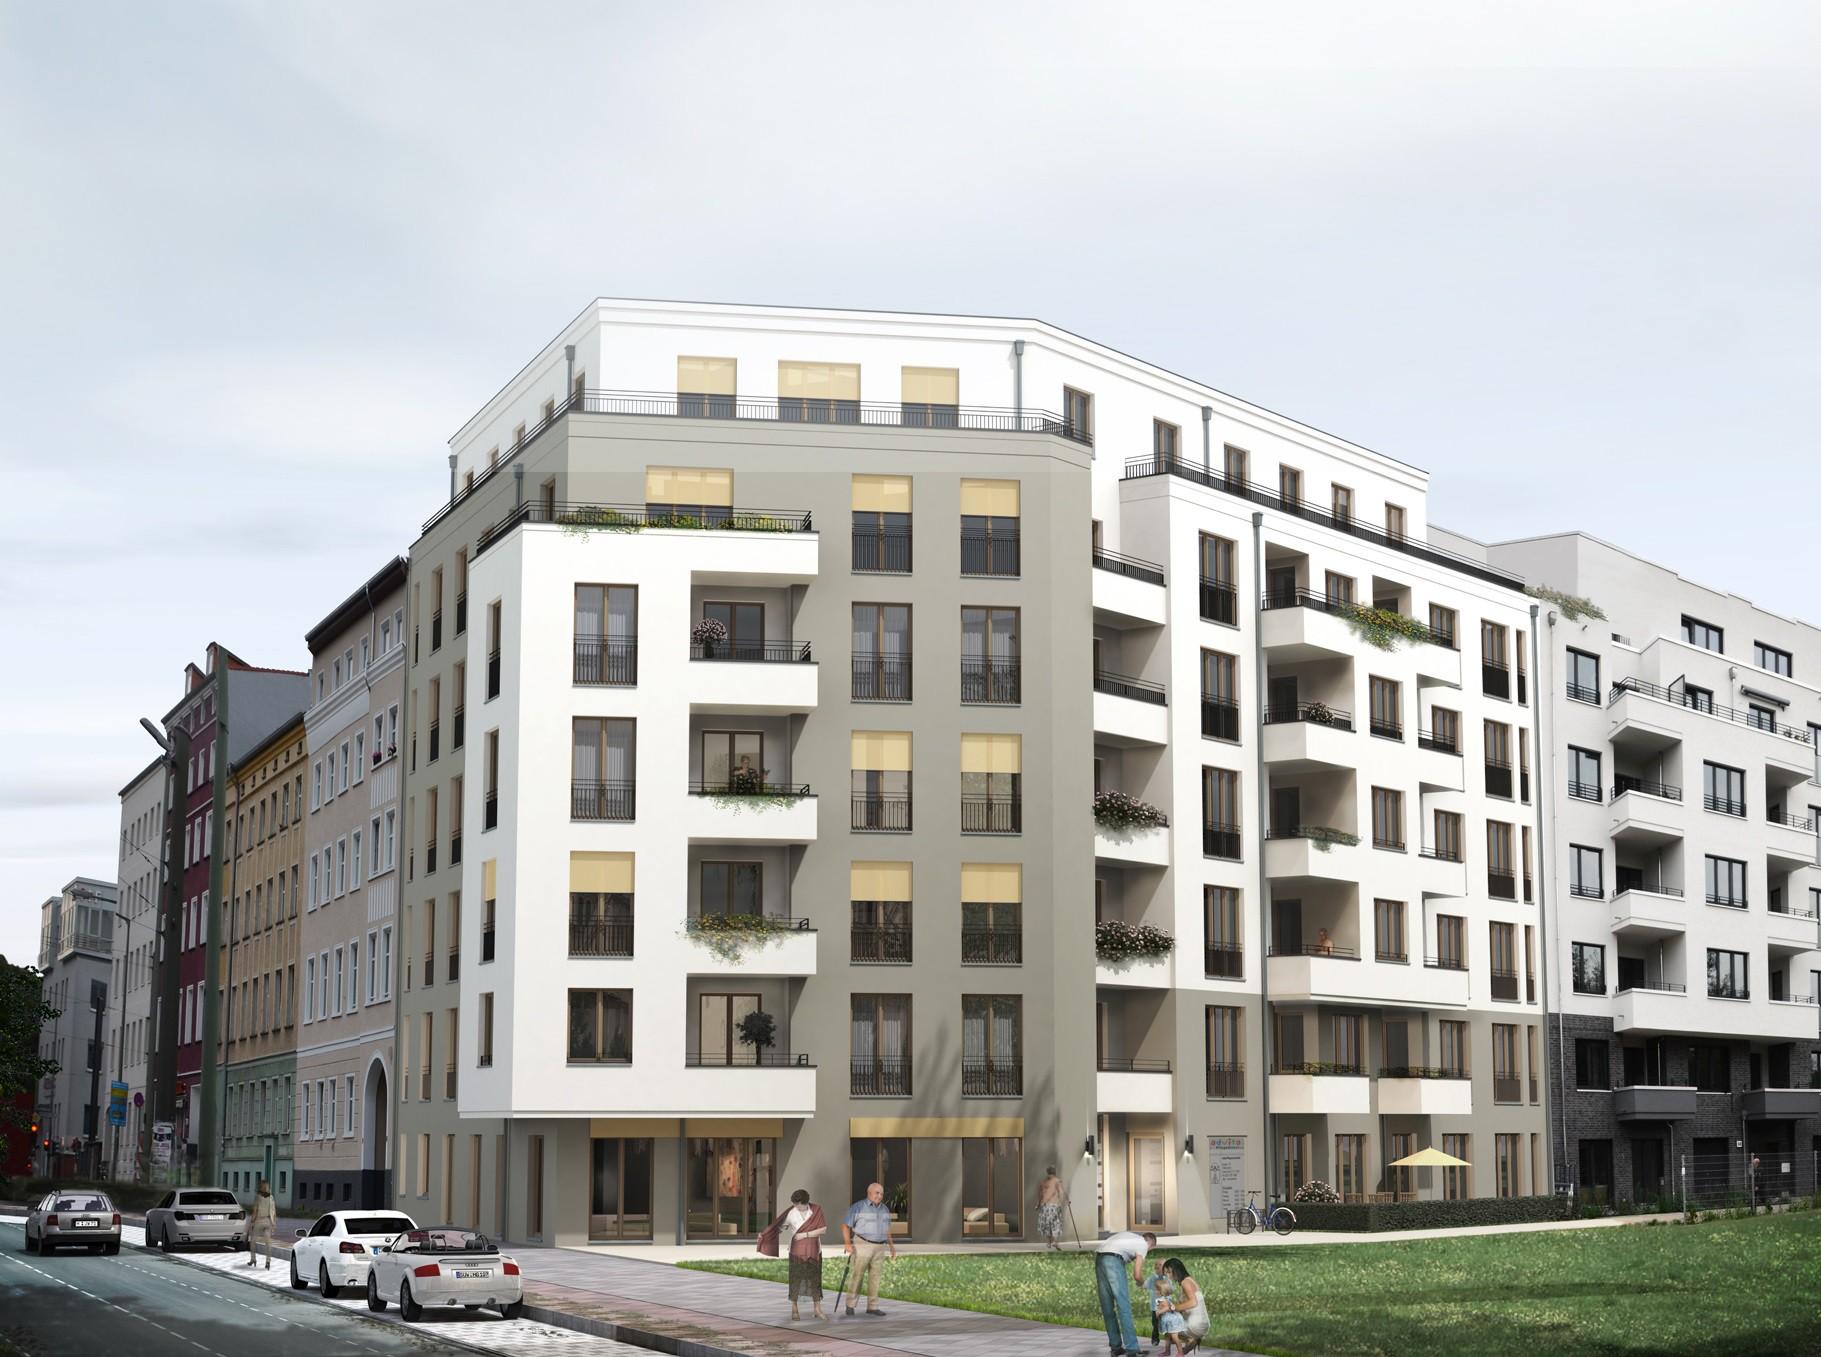 advita haus matthiasg rten in berlin auf wohnen im. Black Bedroom Furniture Sets. Home Design Ideas